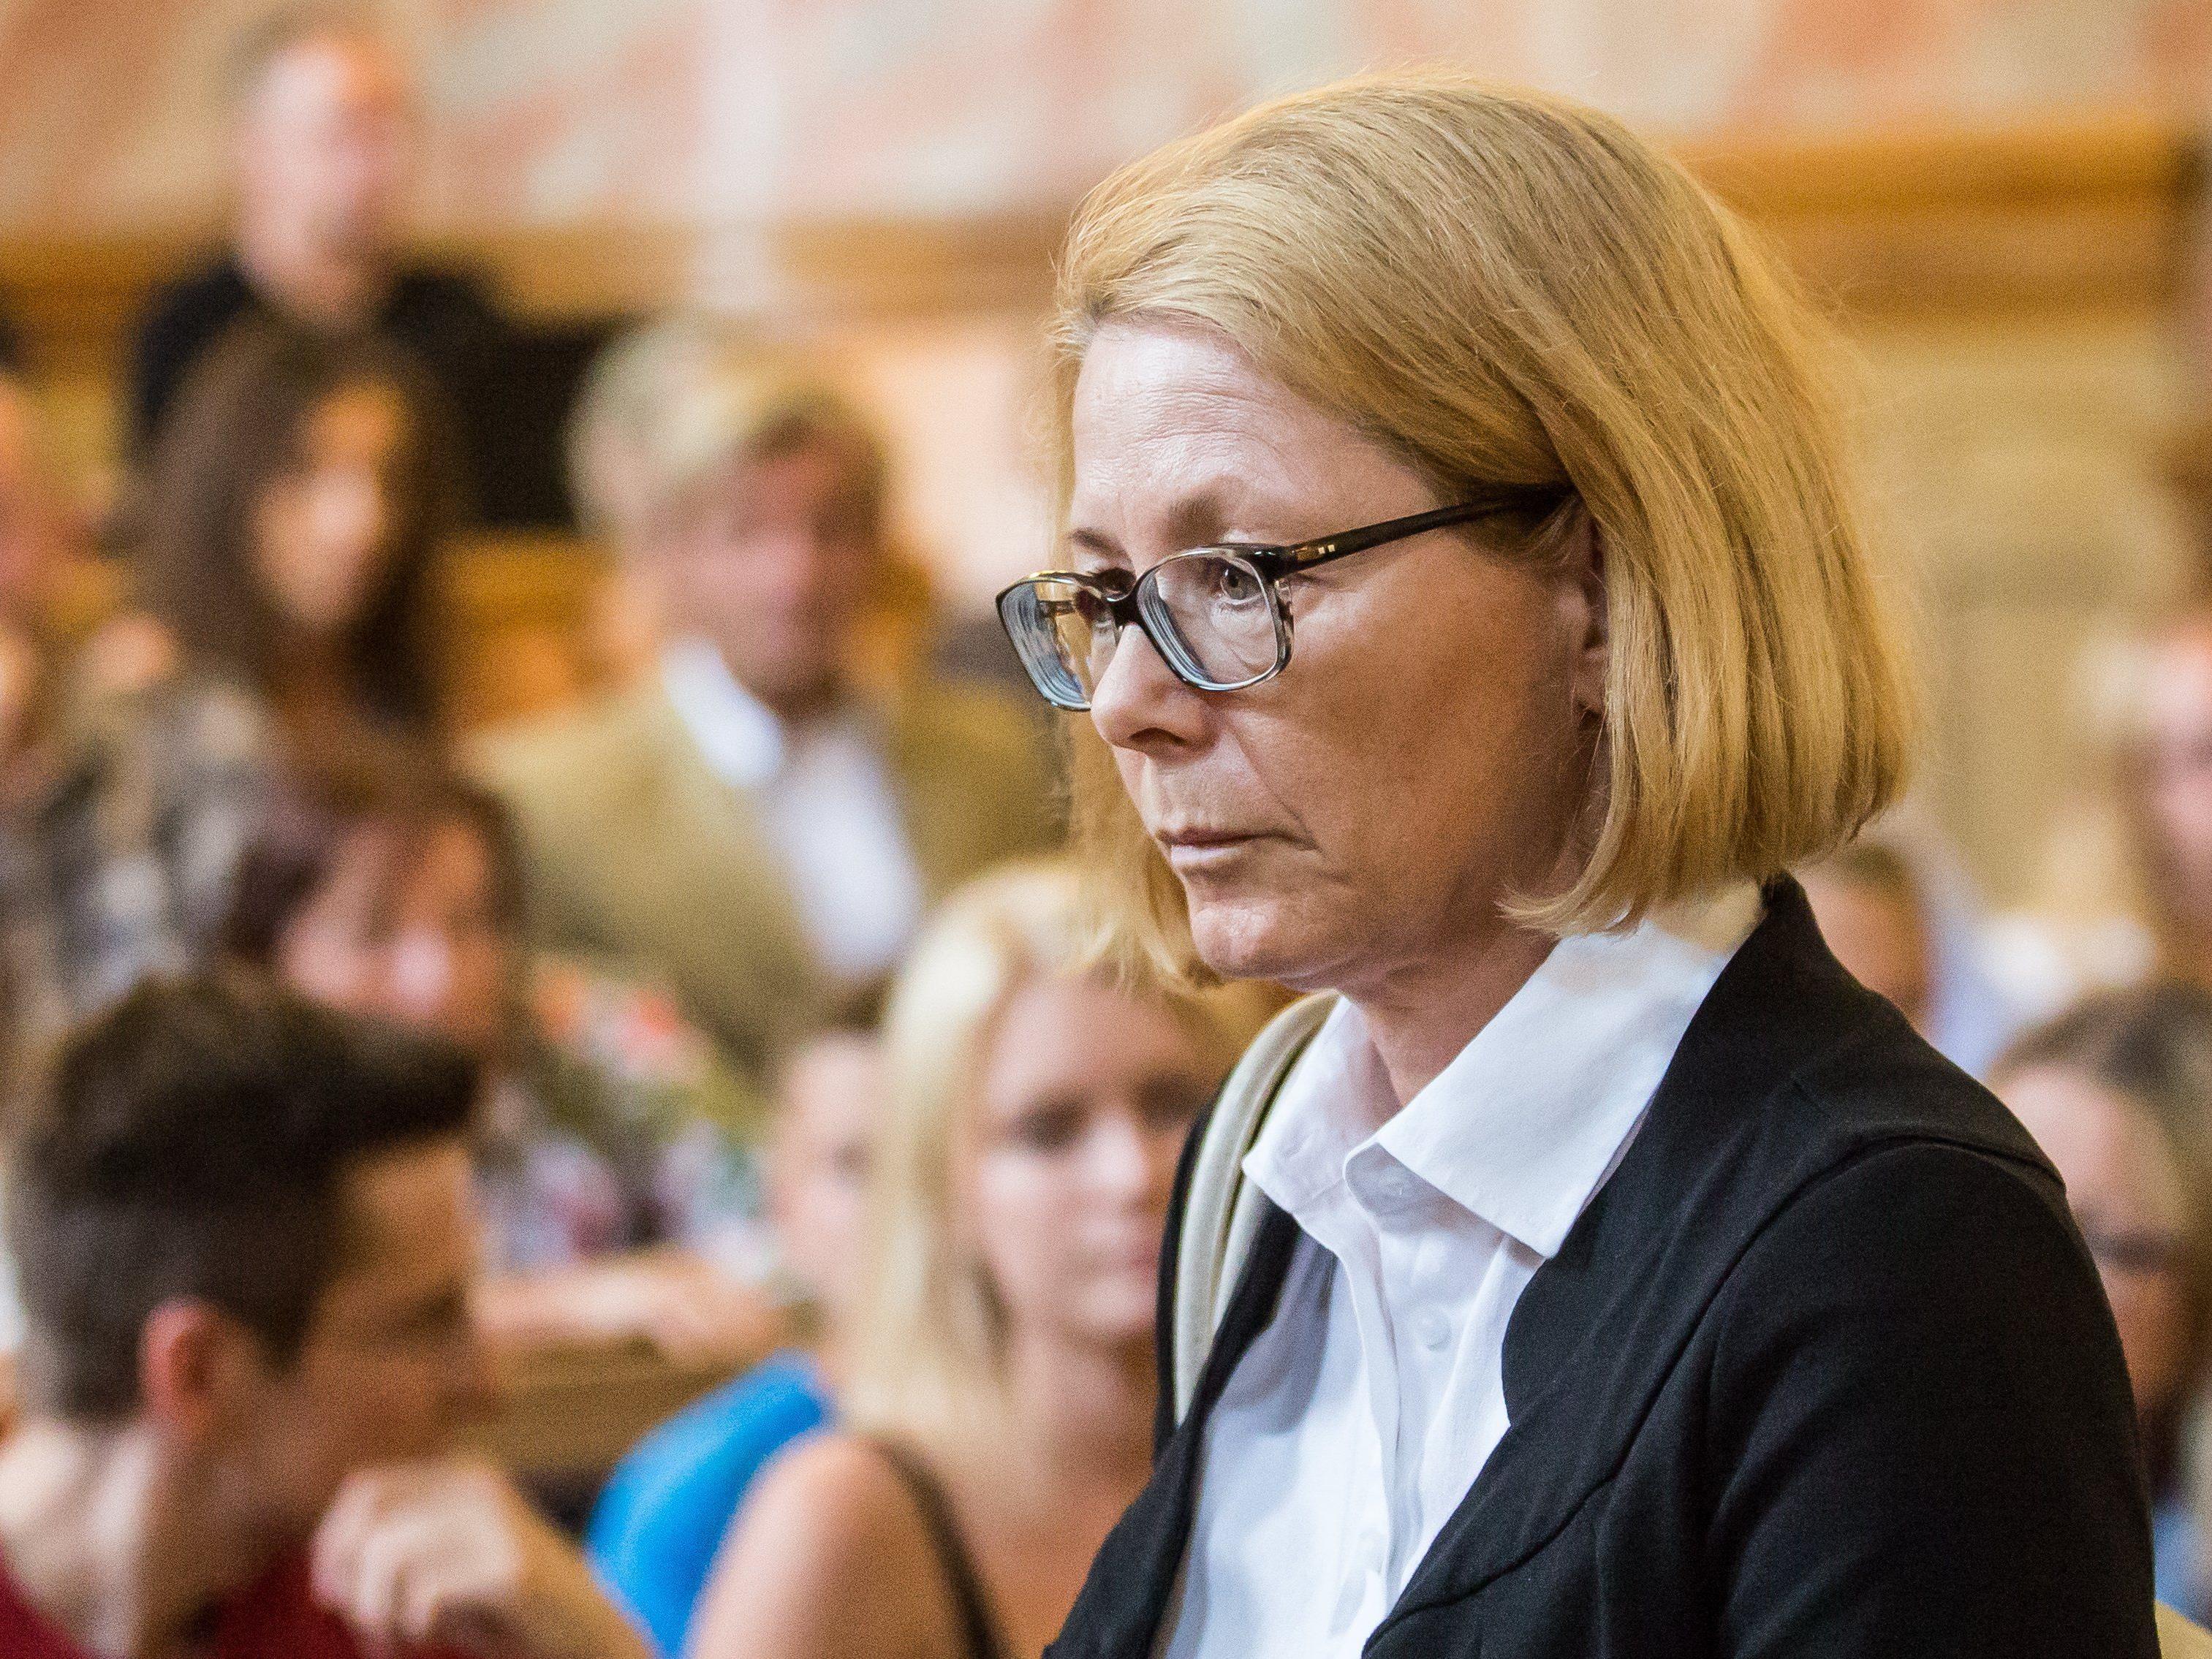 Mehr als zwölf Monate würden für suspendierte Richterin Verlust des Richteramtes bedeuten.